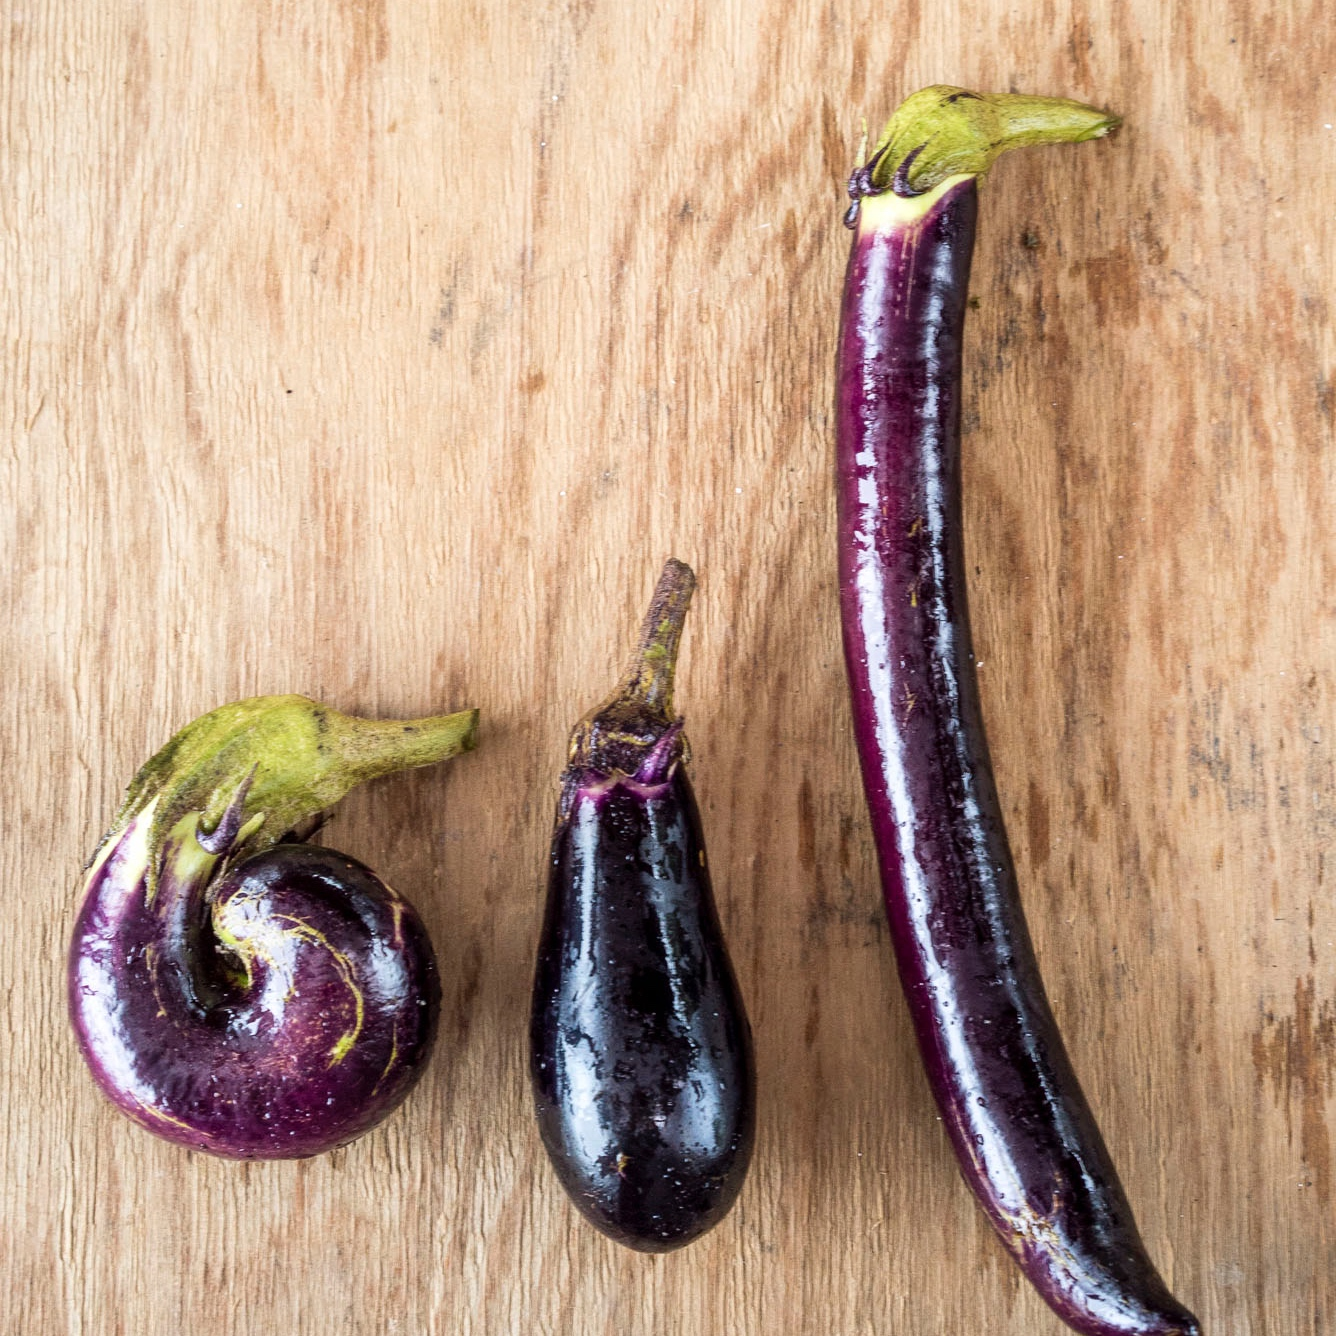 1.「もったいない野菜」を使う - 不揃いな色や形などが理由で市場に出せない有機野菜を生産者より購入。SDGsゴール12「持続可能な生産消費形態を確保する」